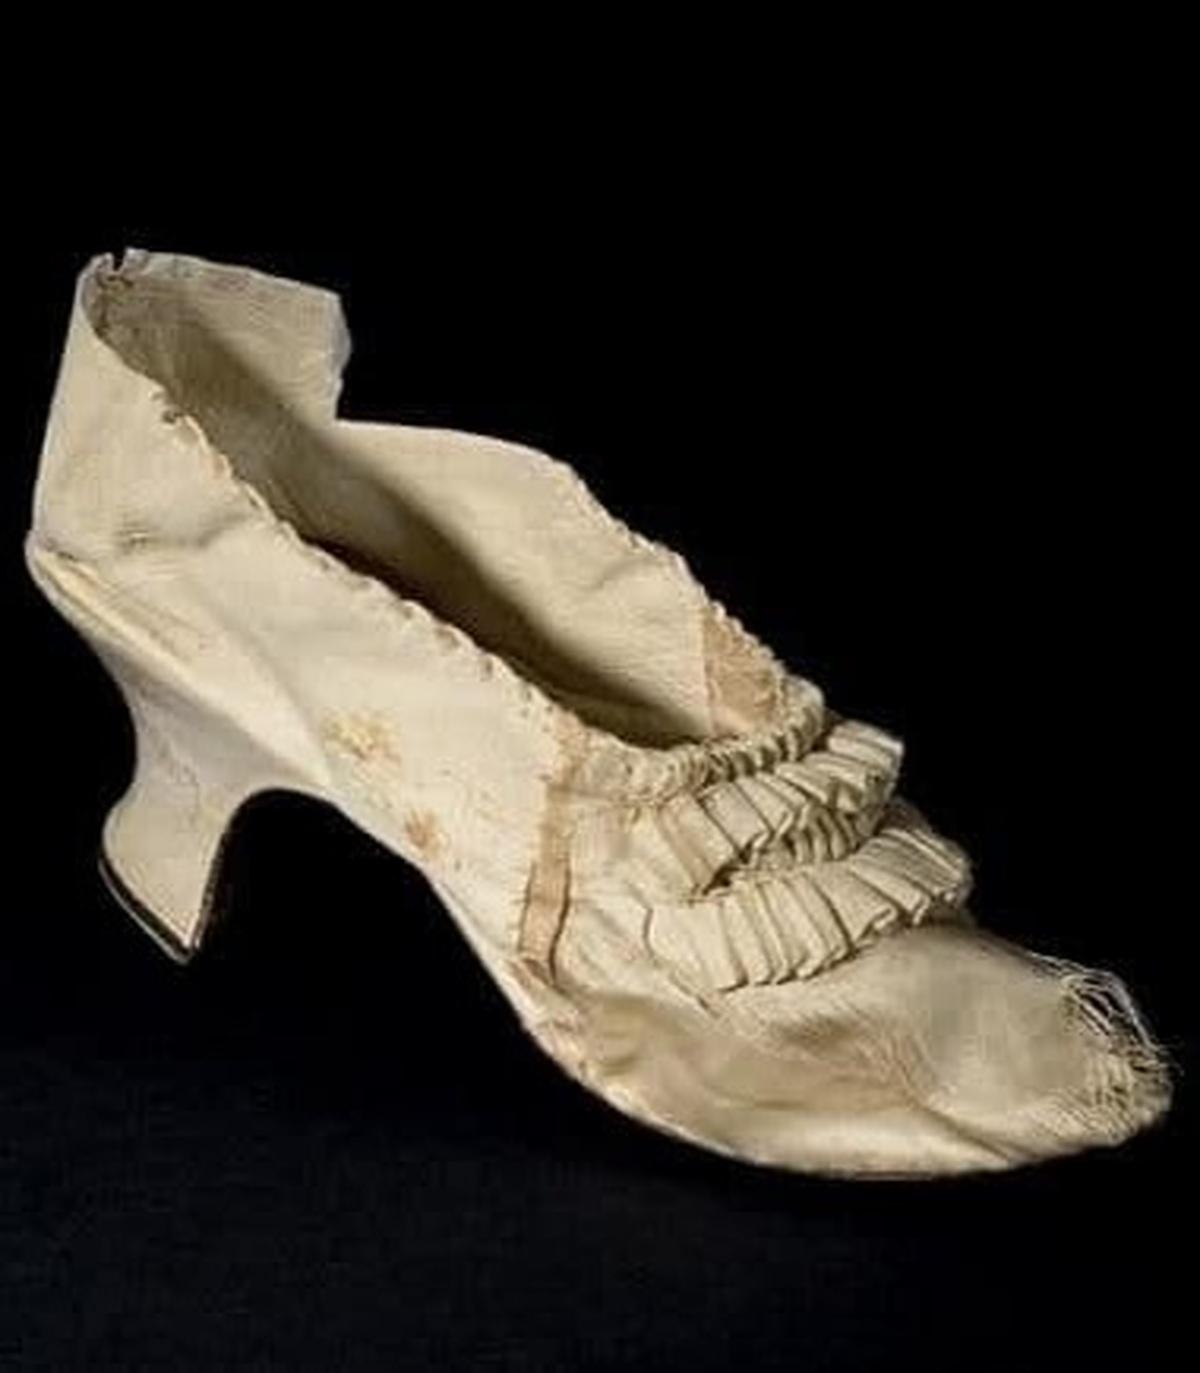 لنگه کفش ملکه پیشین فرانسه در حراجی به قیمت ۴۴ هزار یورو خریداری شد